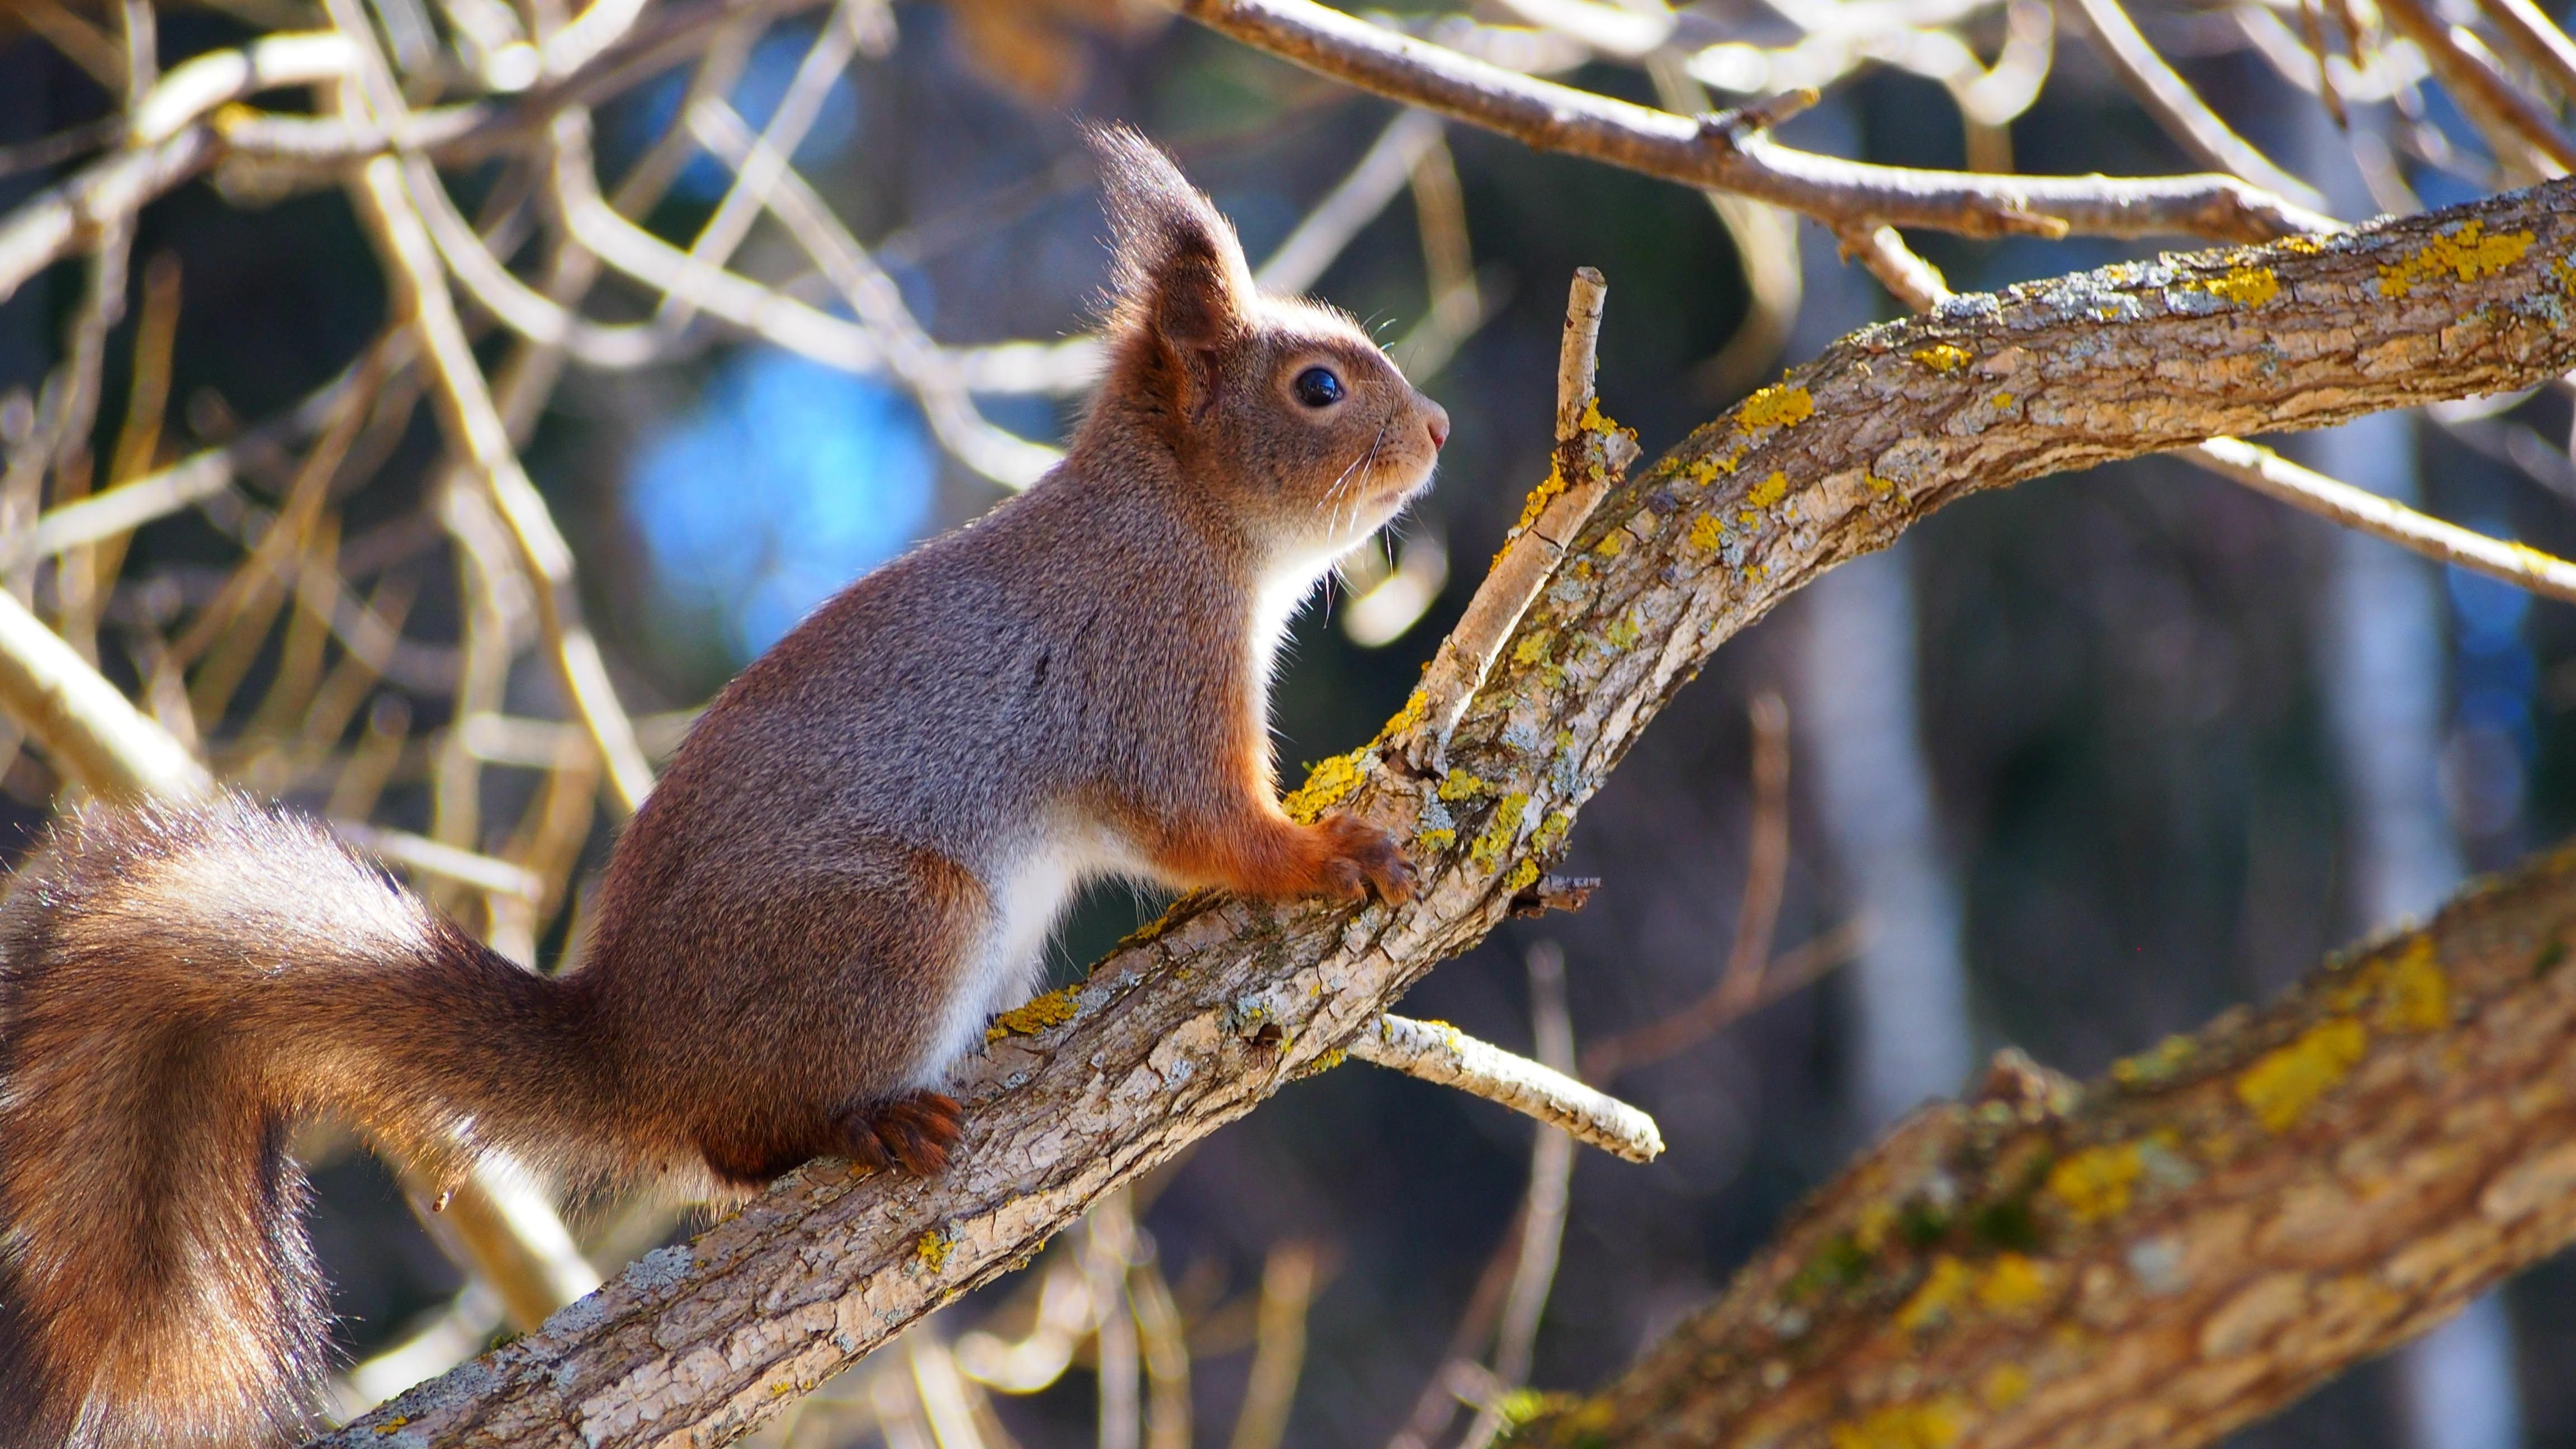 """Orava kevättunnelmissa ©Hessu: """"Oli aurinkoinen kevätpäivä, kun bongasin läheisestä puusta söpön oravan. Hain kamerani ja ehdin vielä napata kuvan suloisesta oravasta."""""""